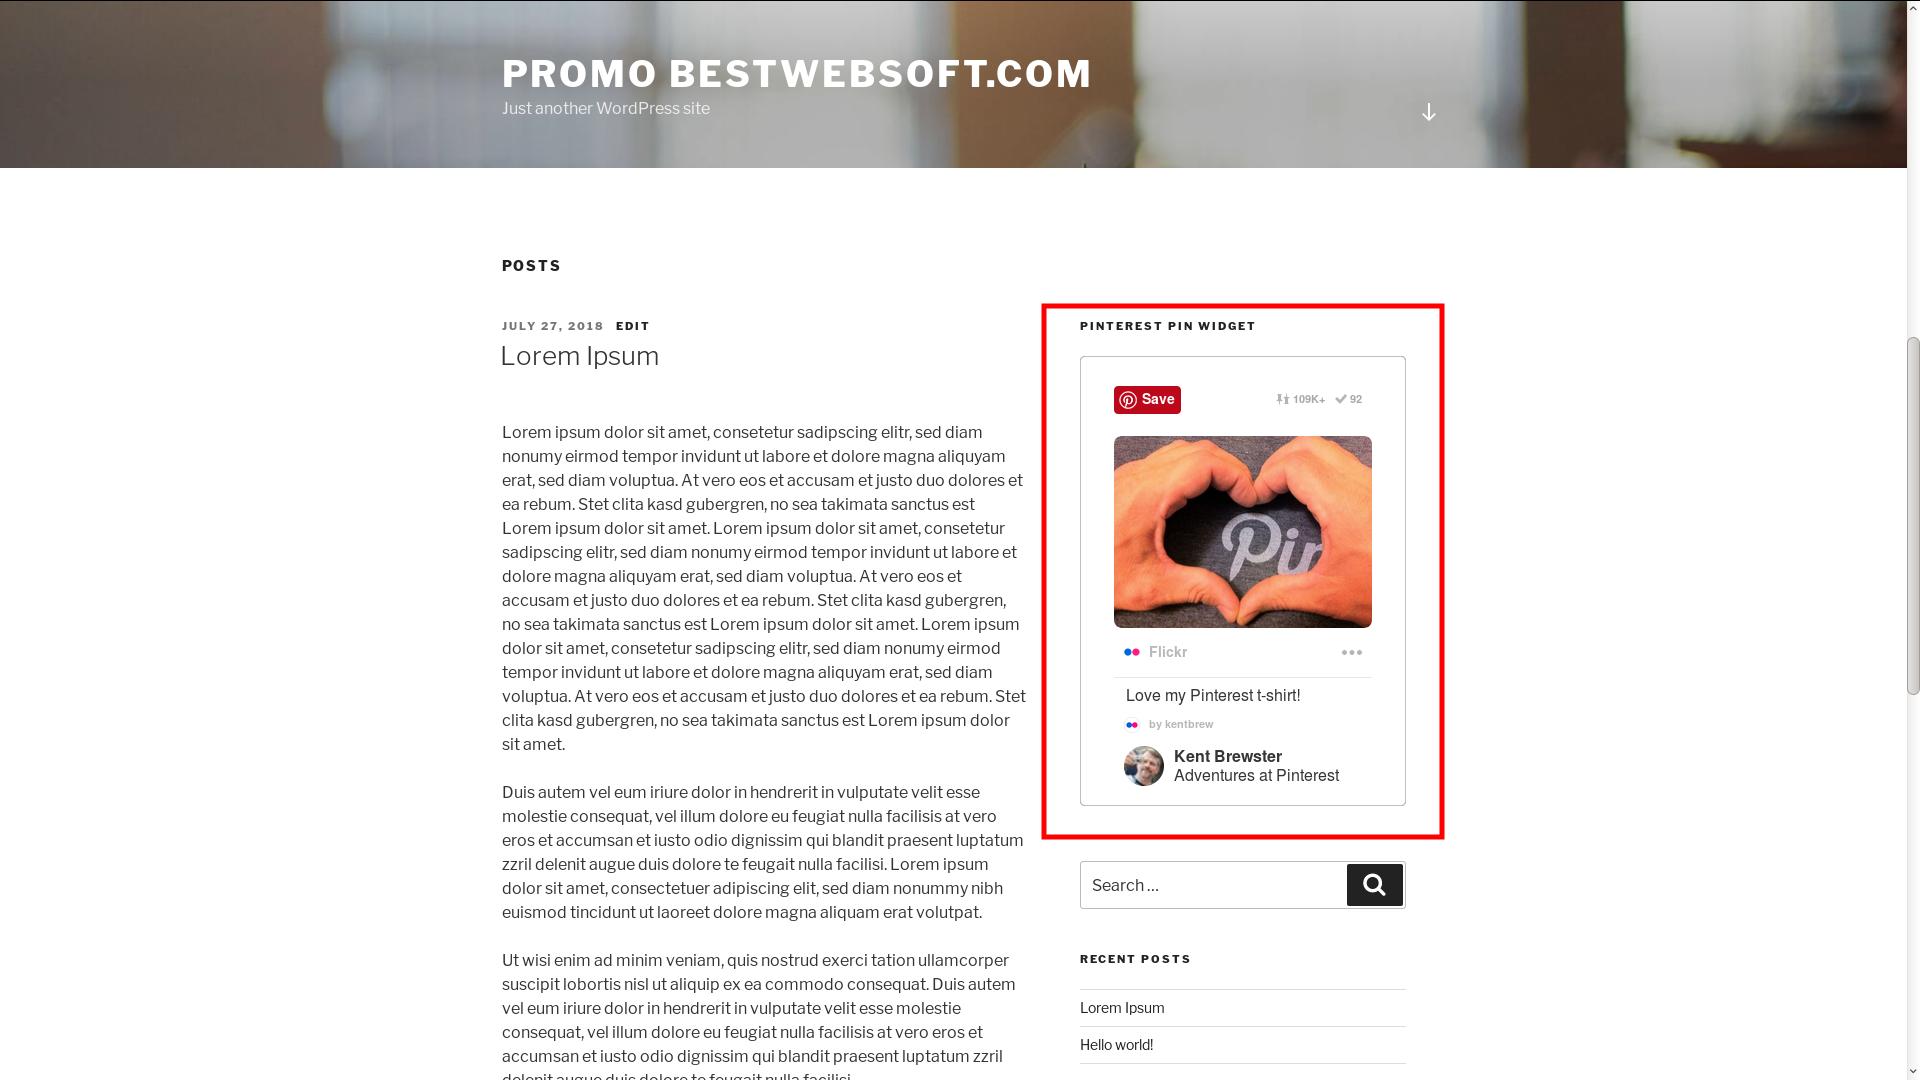 Displaying Pinterest Pin widget.